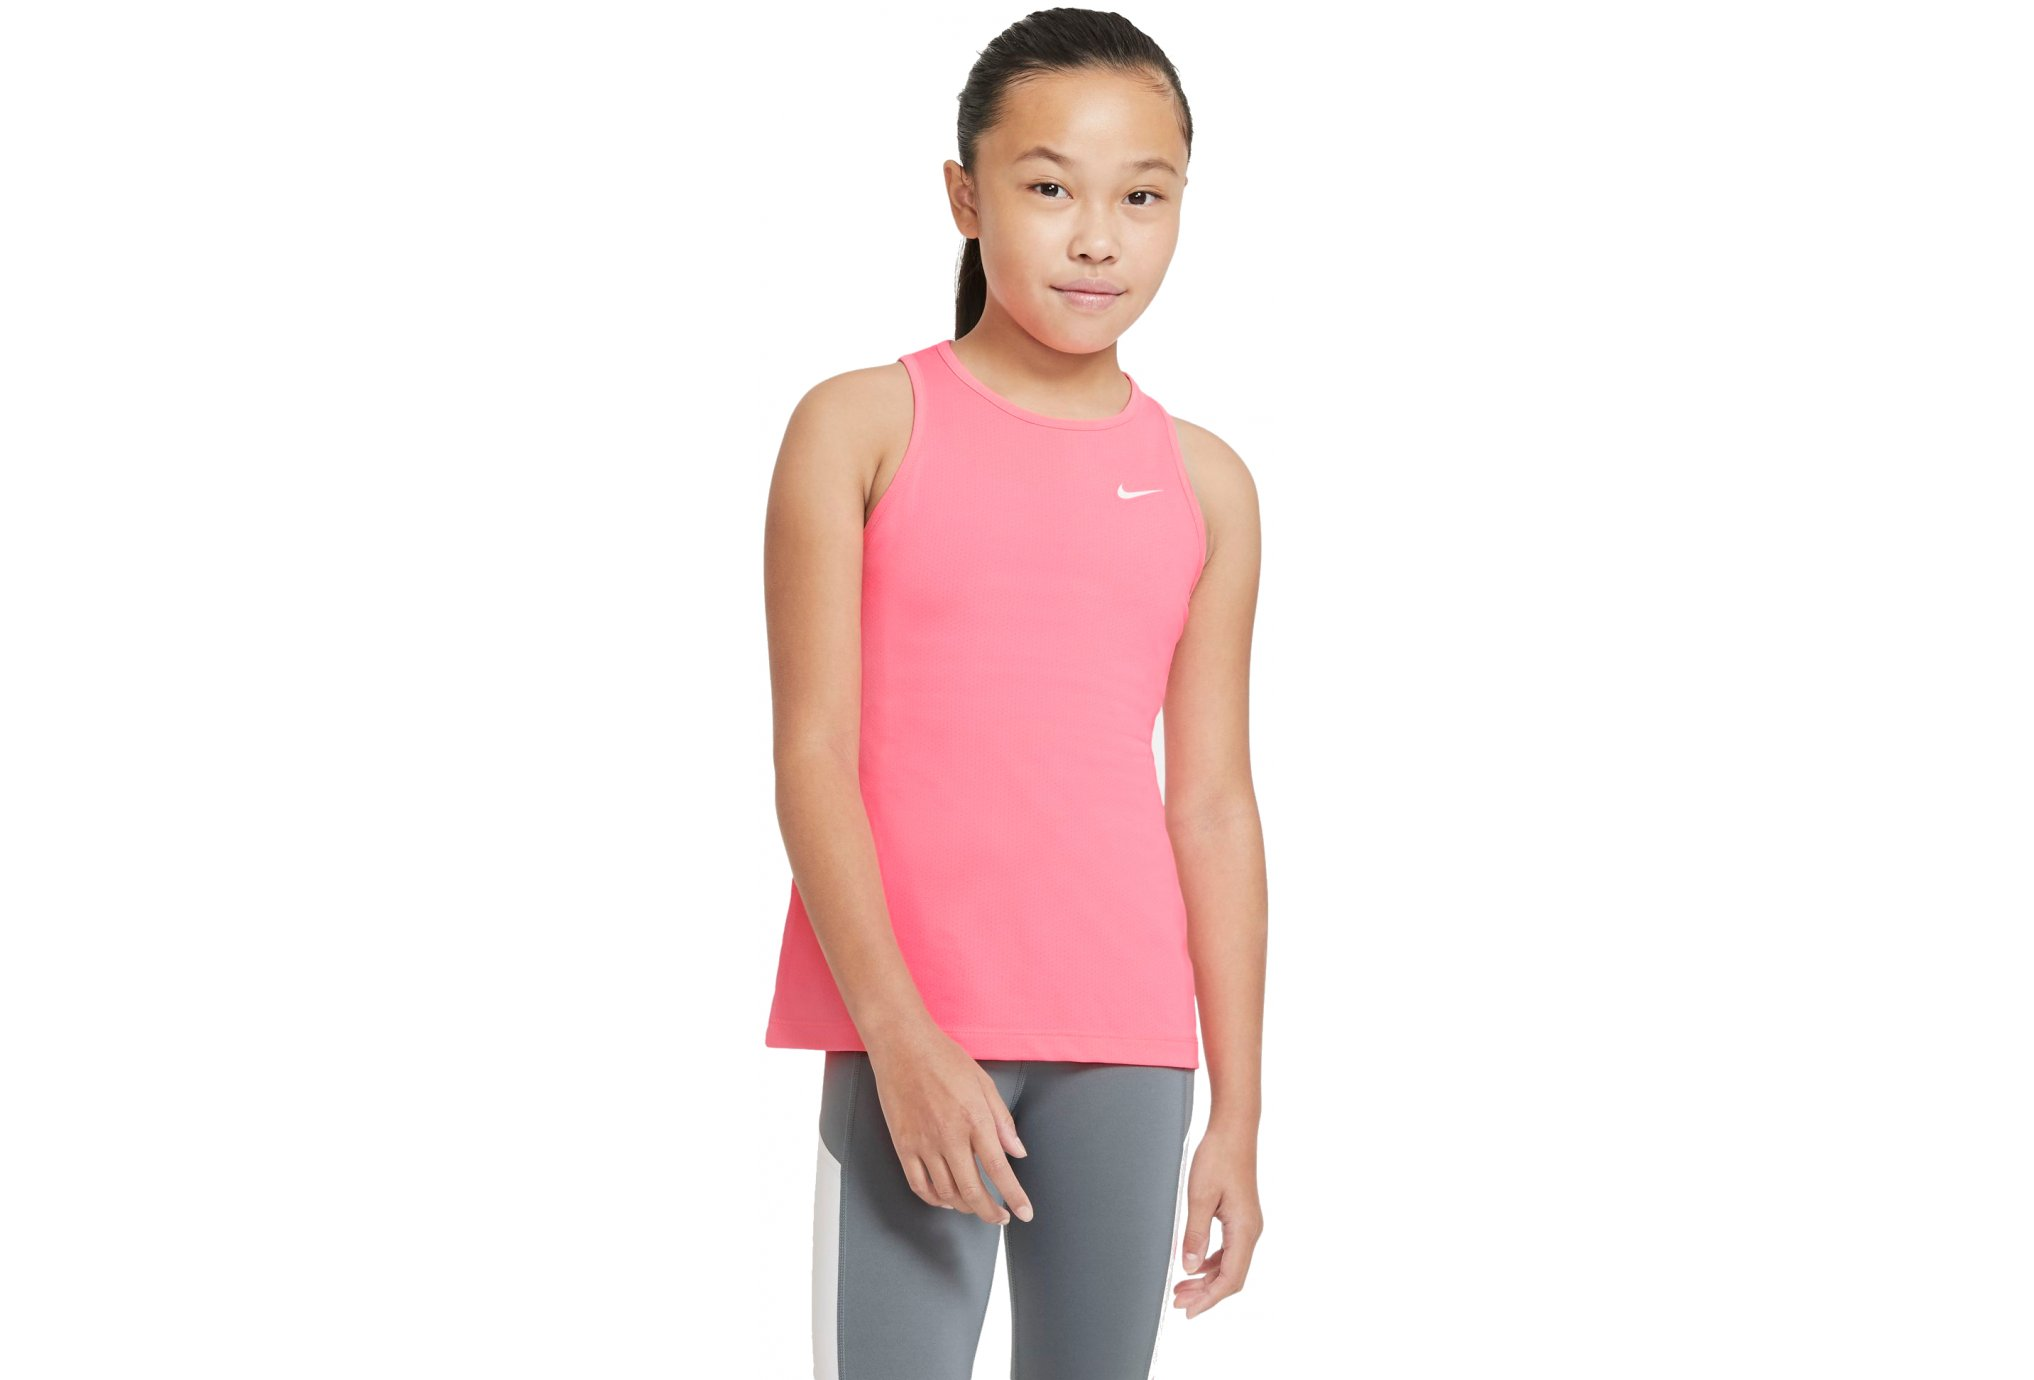 Nike Pro Fille vêtement running femme